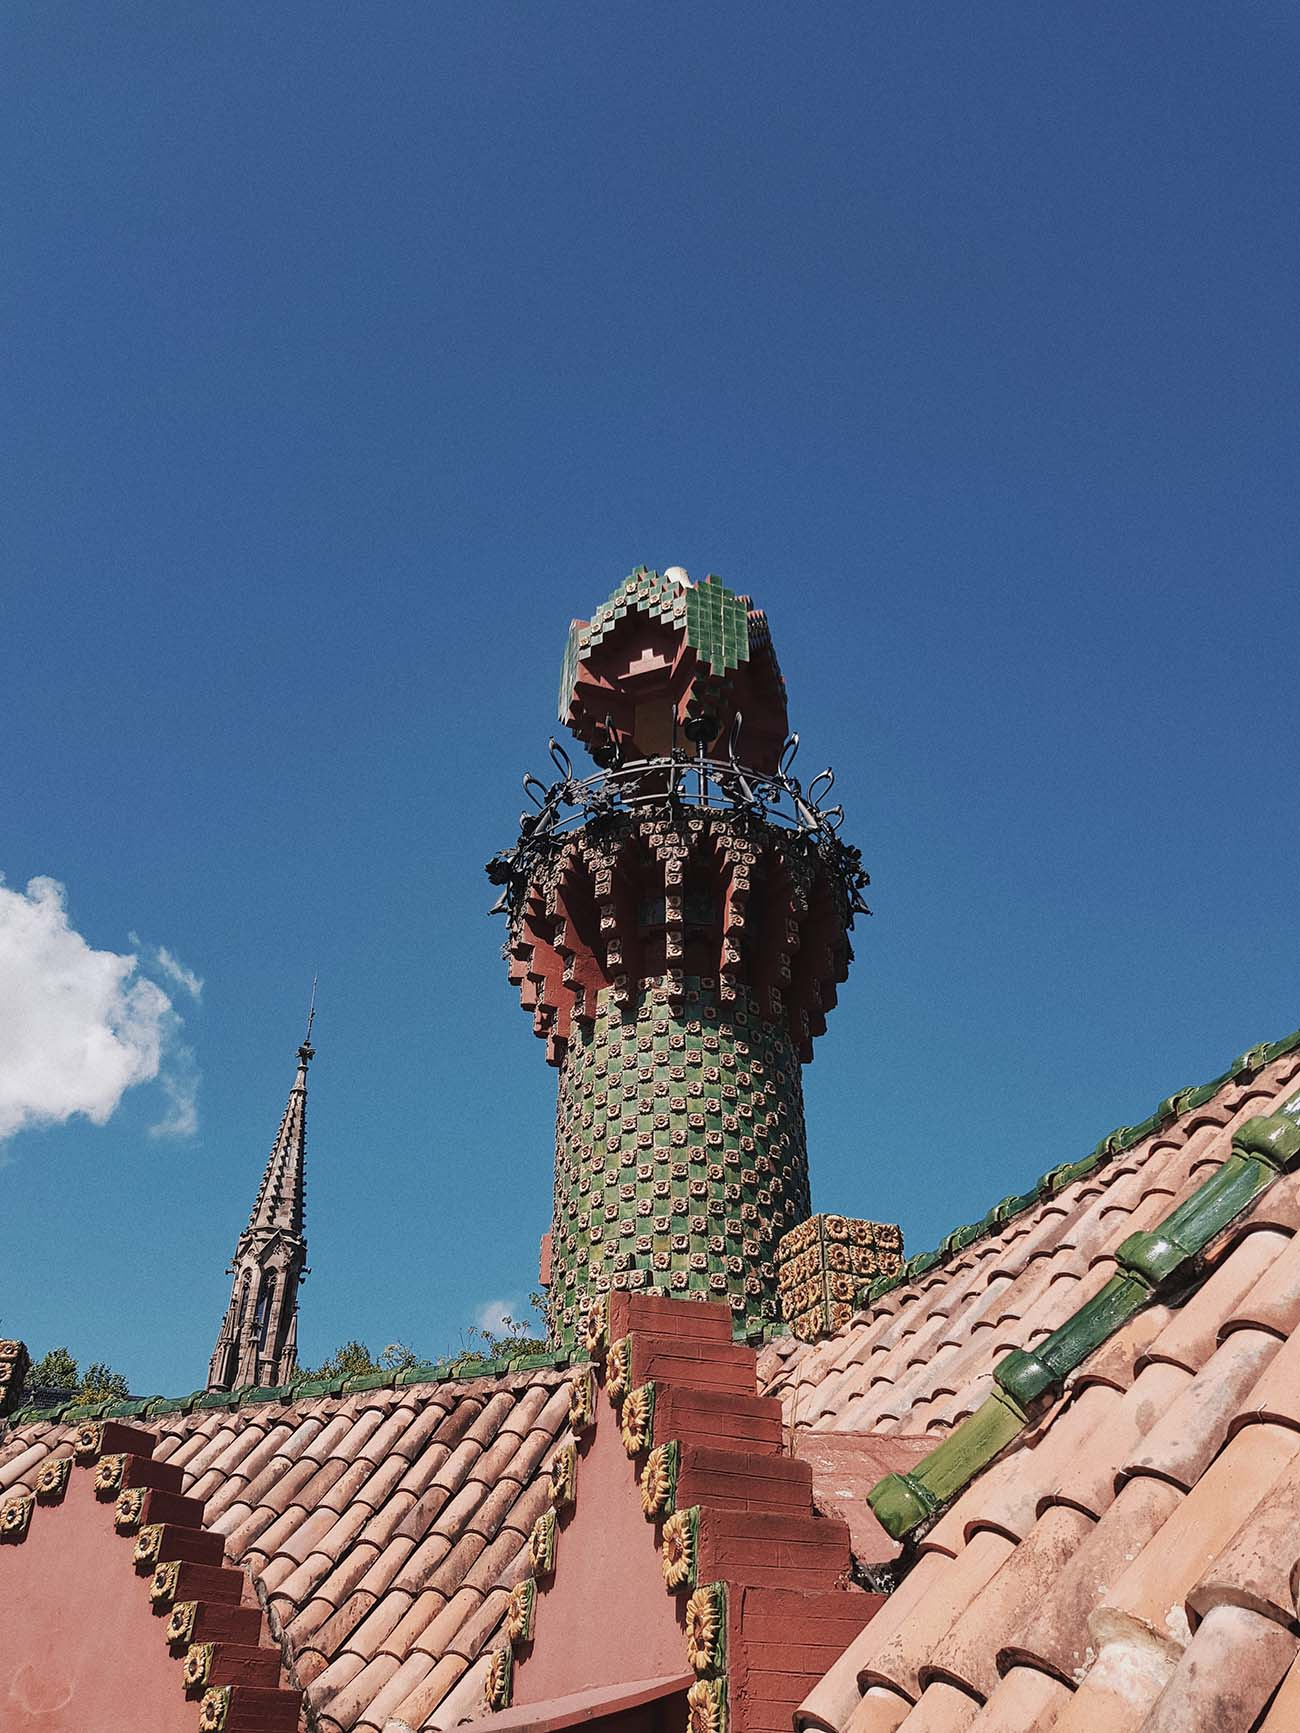 The Modernisme Architecture Movement: Gaudi's El Capricho